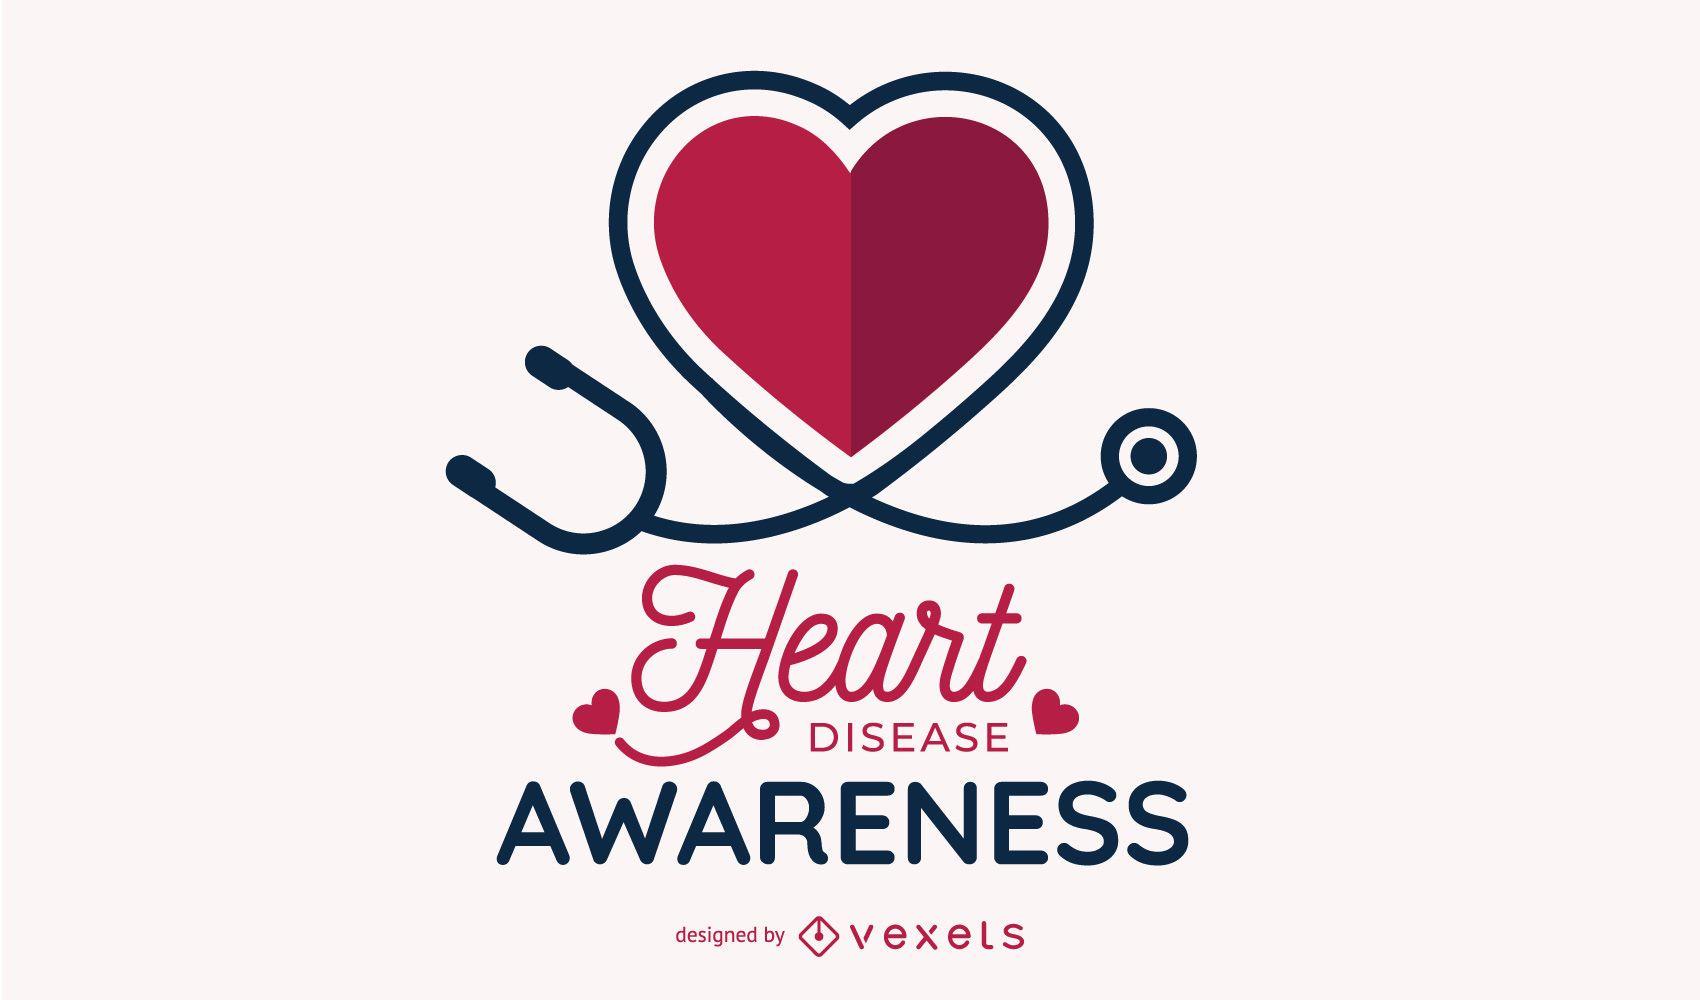 Heart Disease Awareness Design